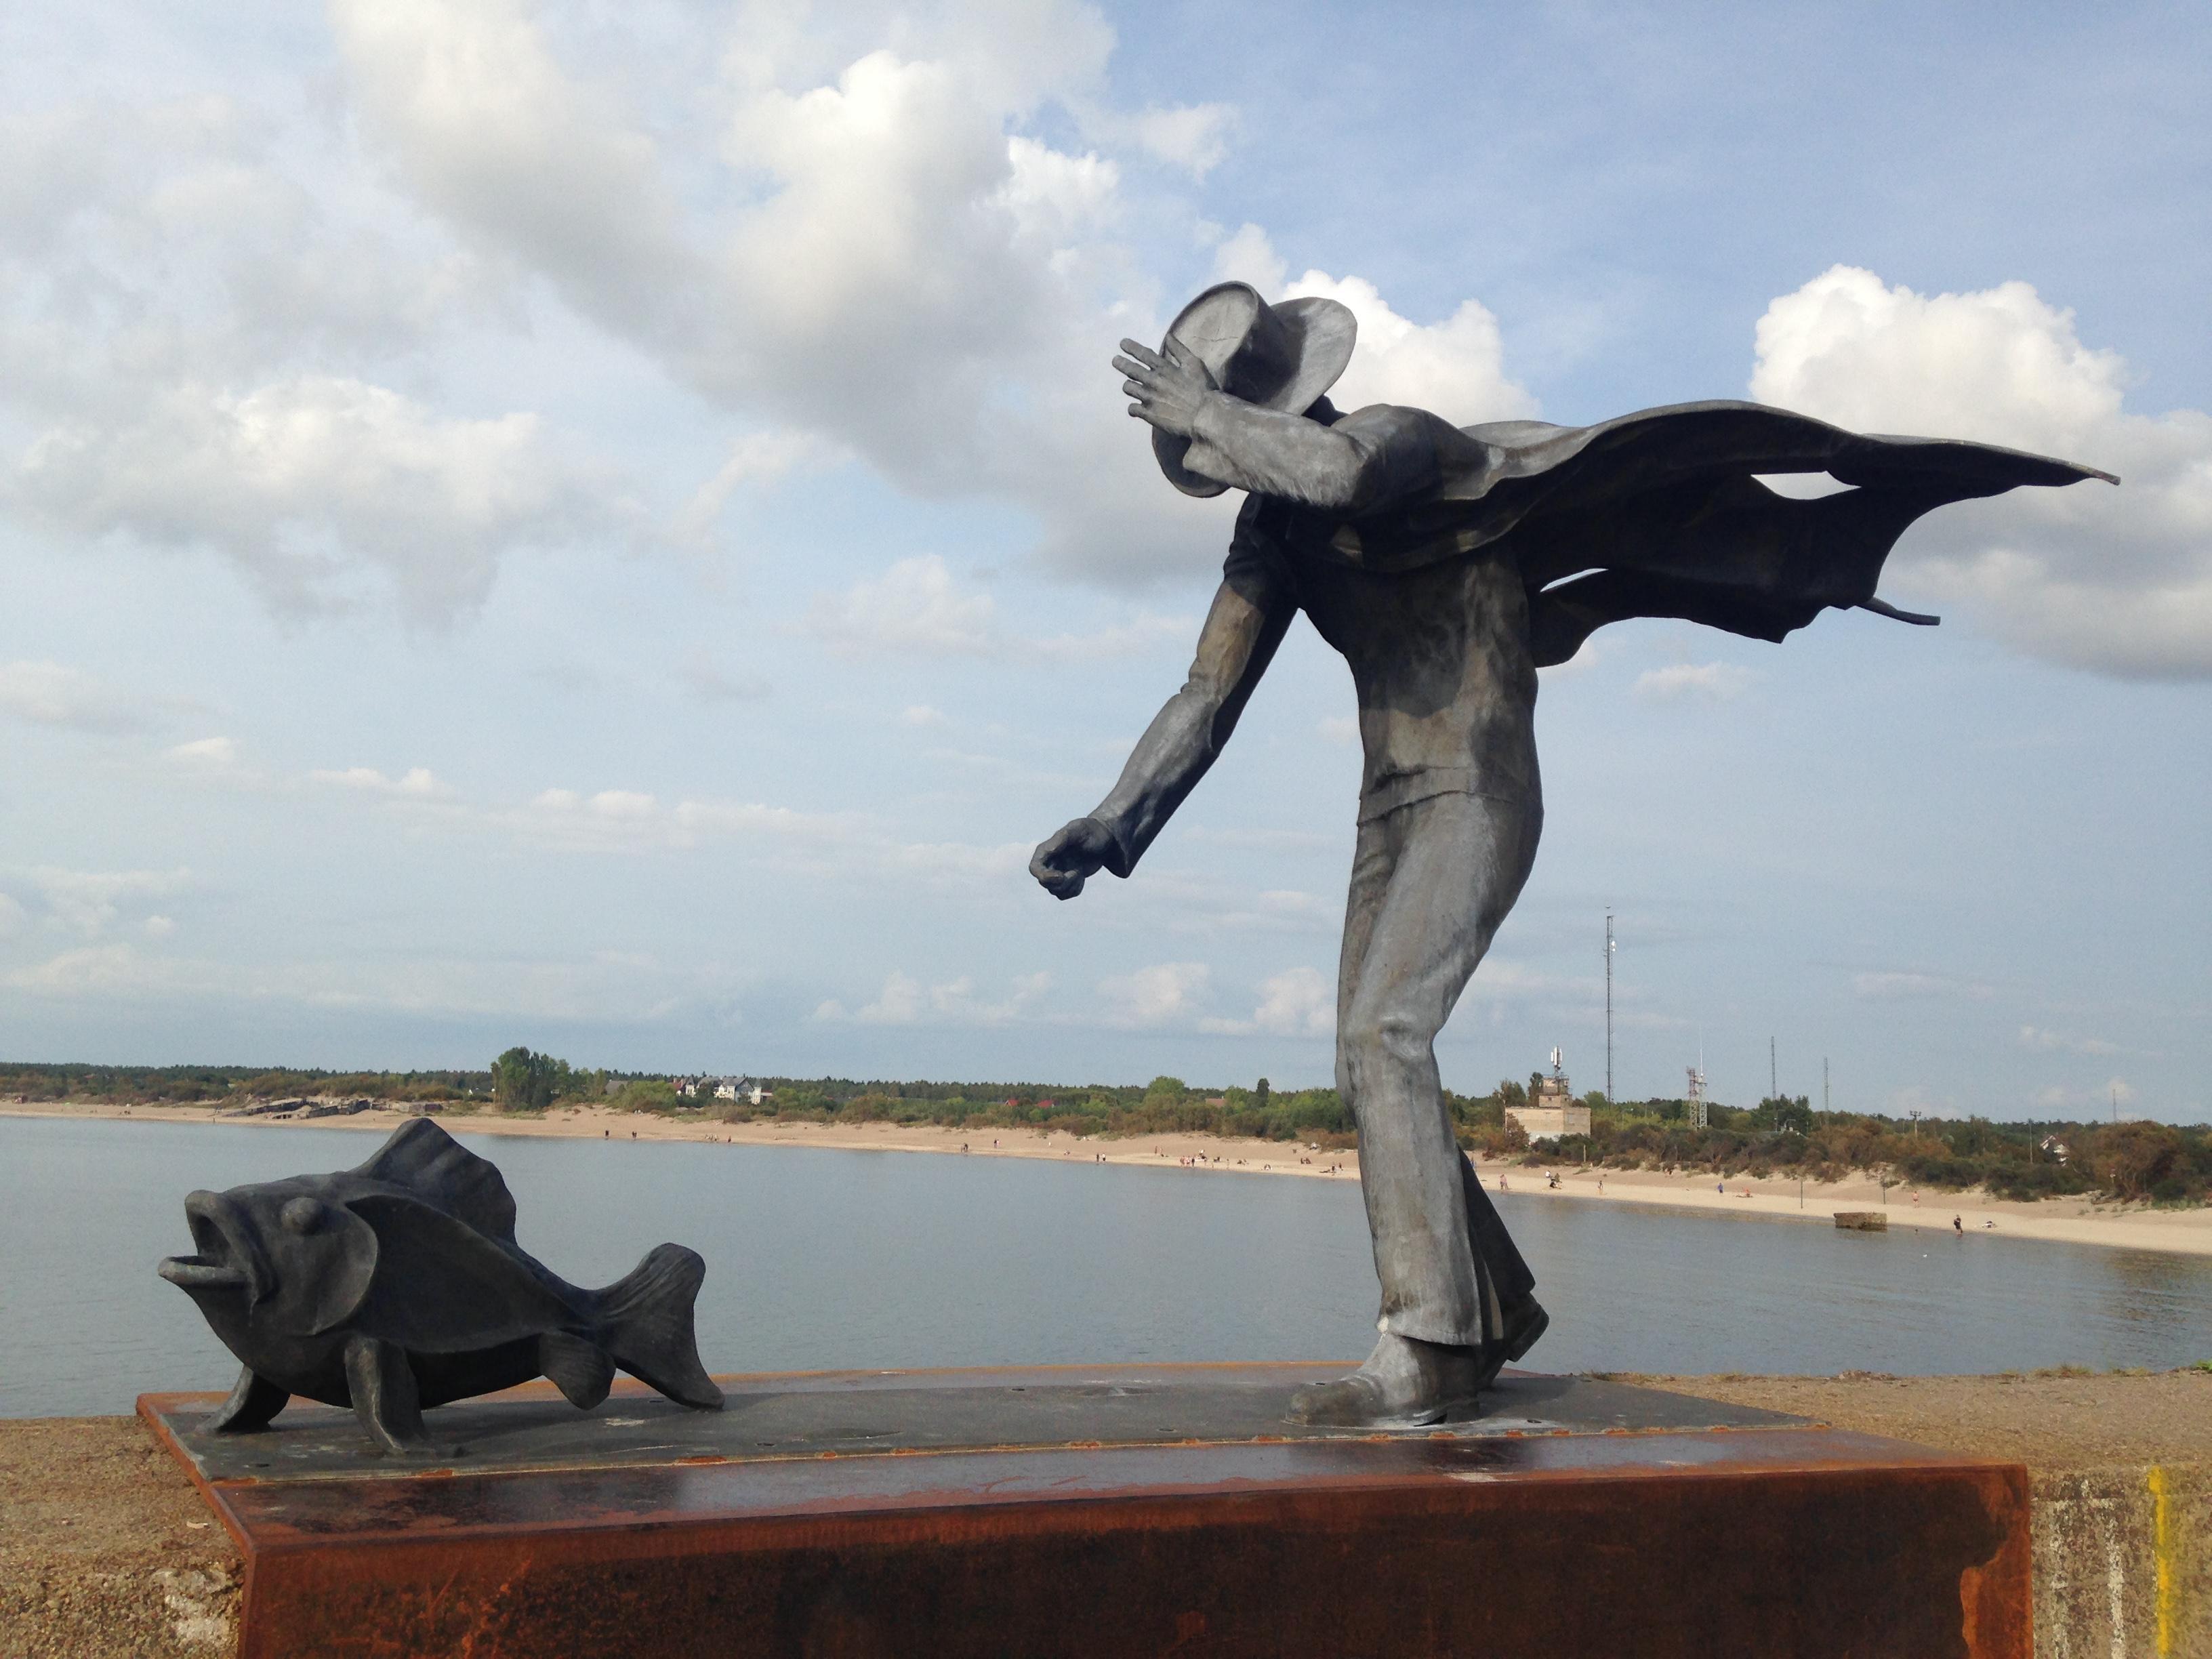 Рыбак и рыбка, Фото новости от газеты Обзор